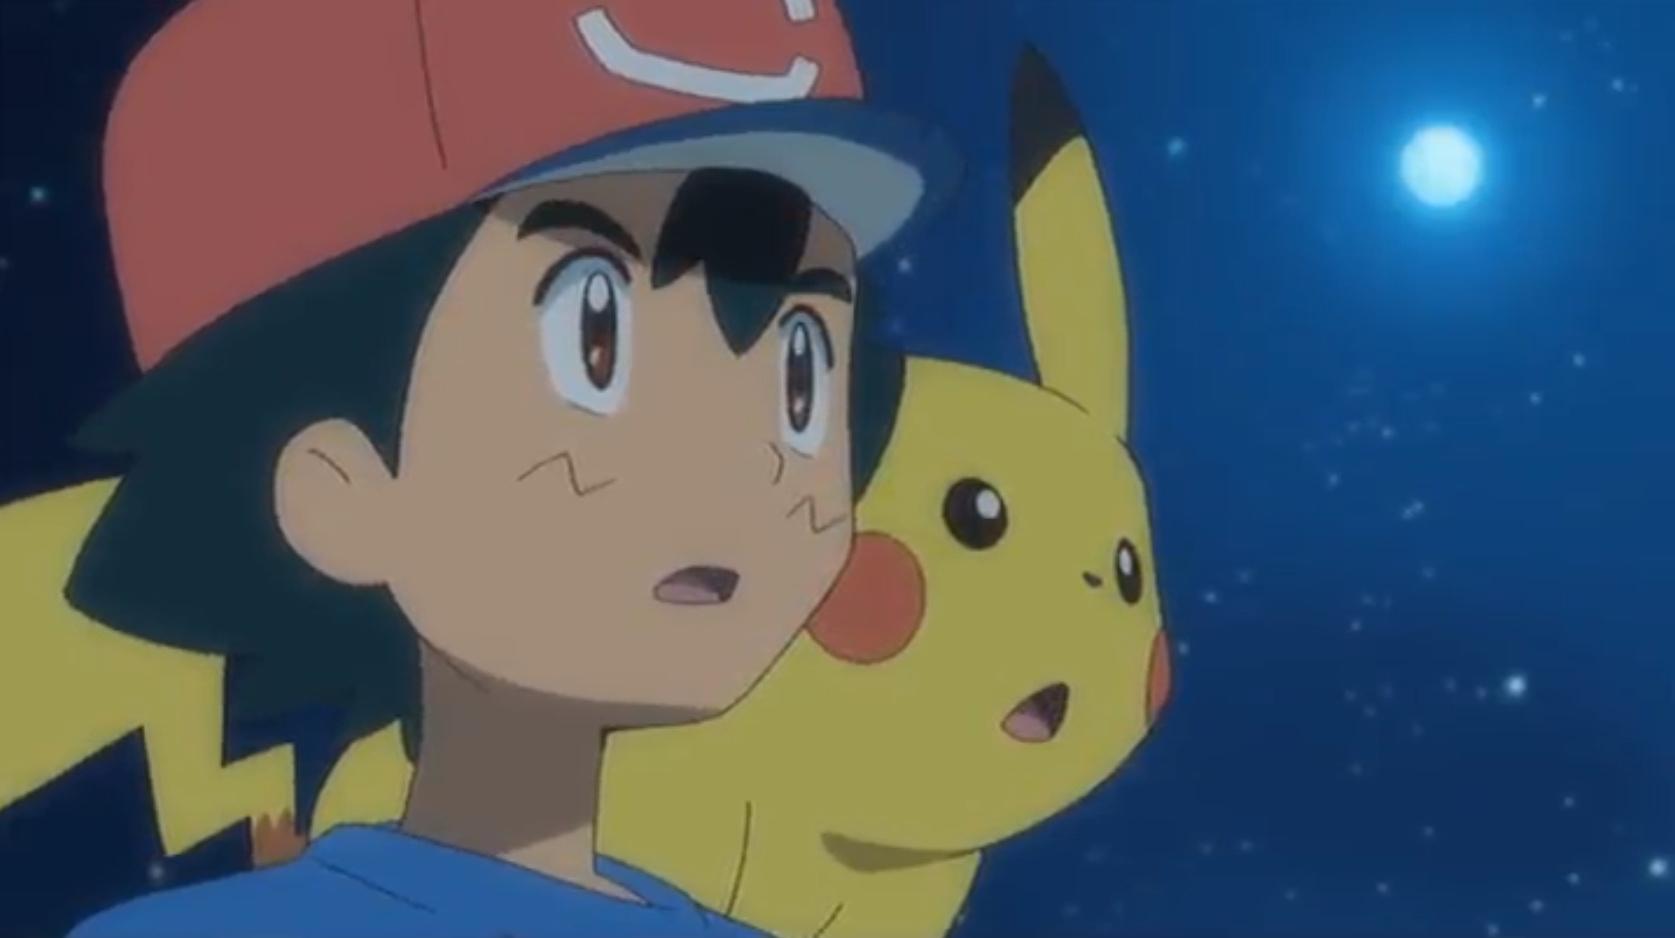 Second Season Of Pokémon Sun And Moon Anime Series Arrives